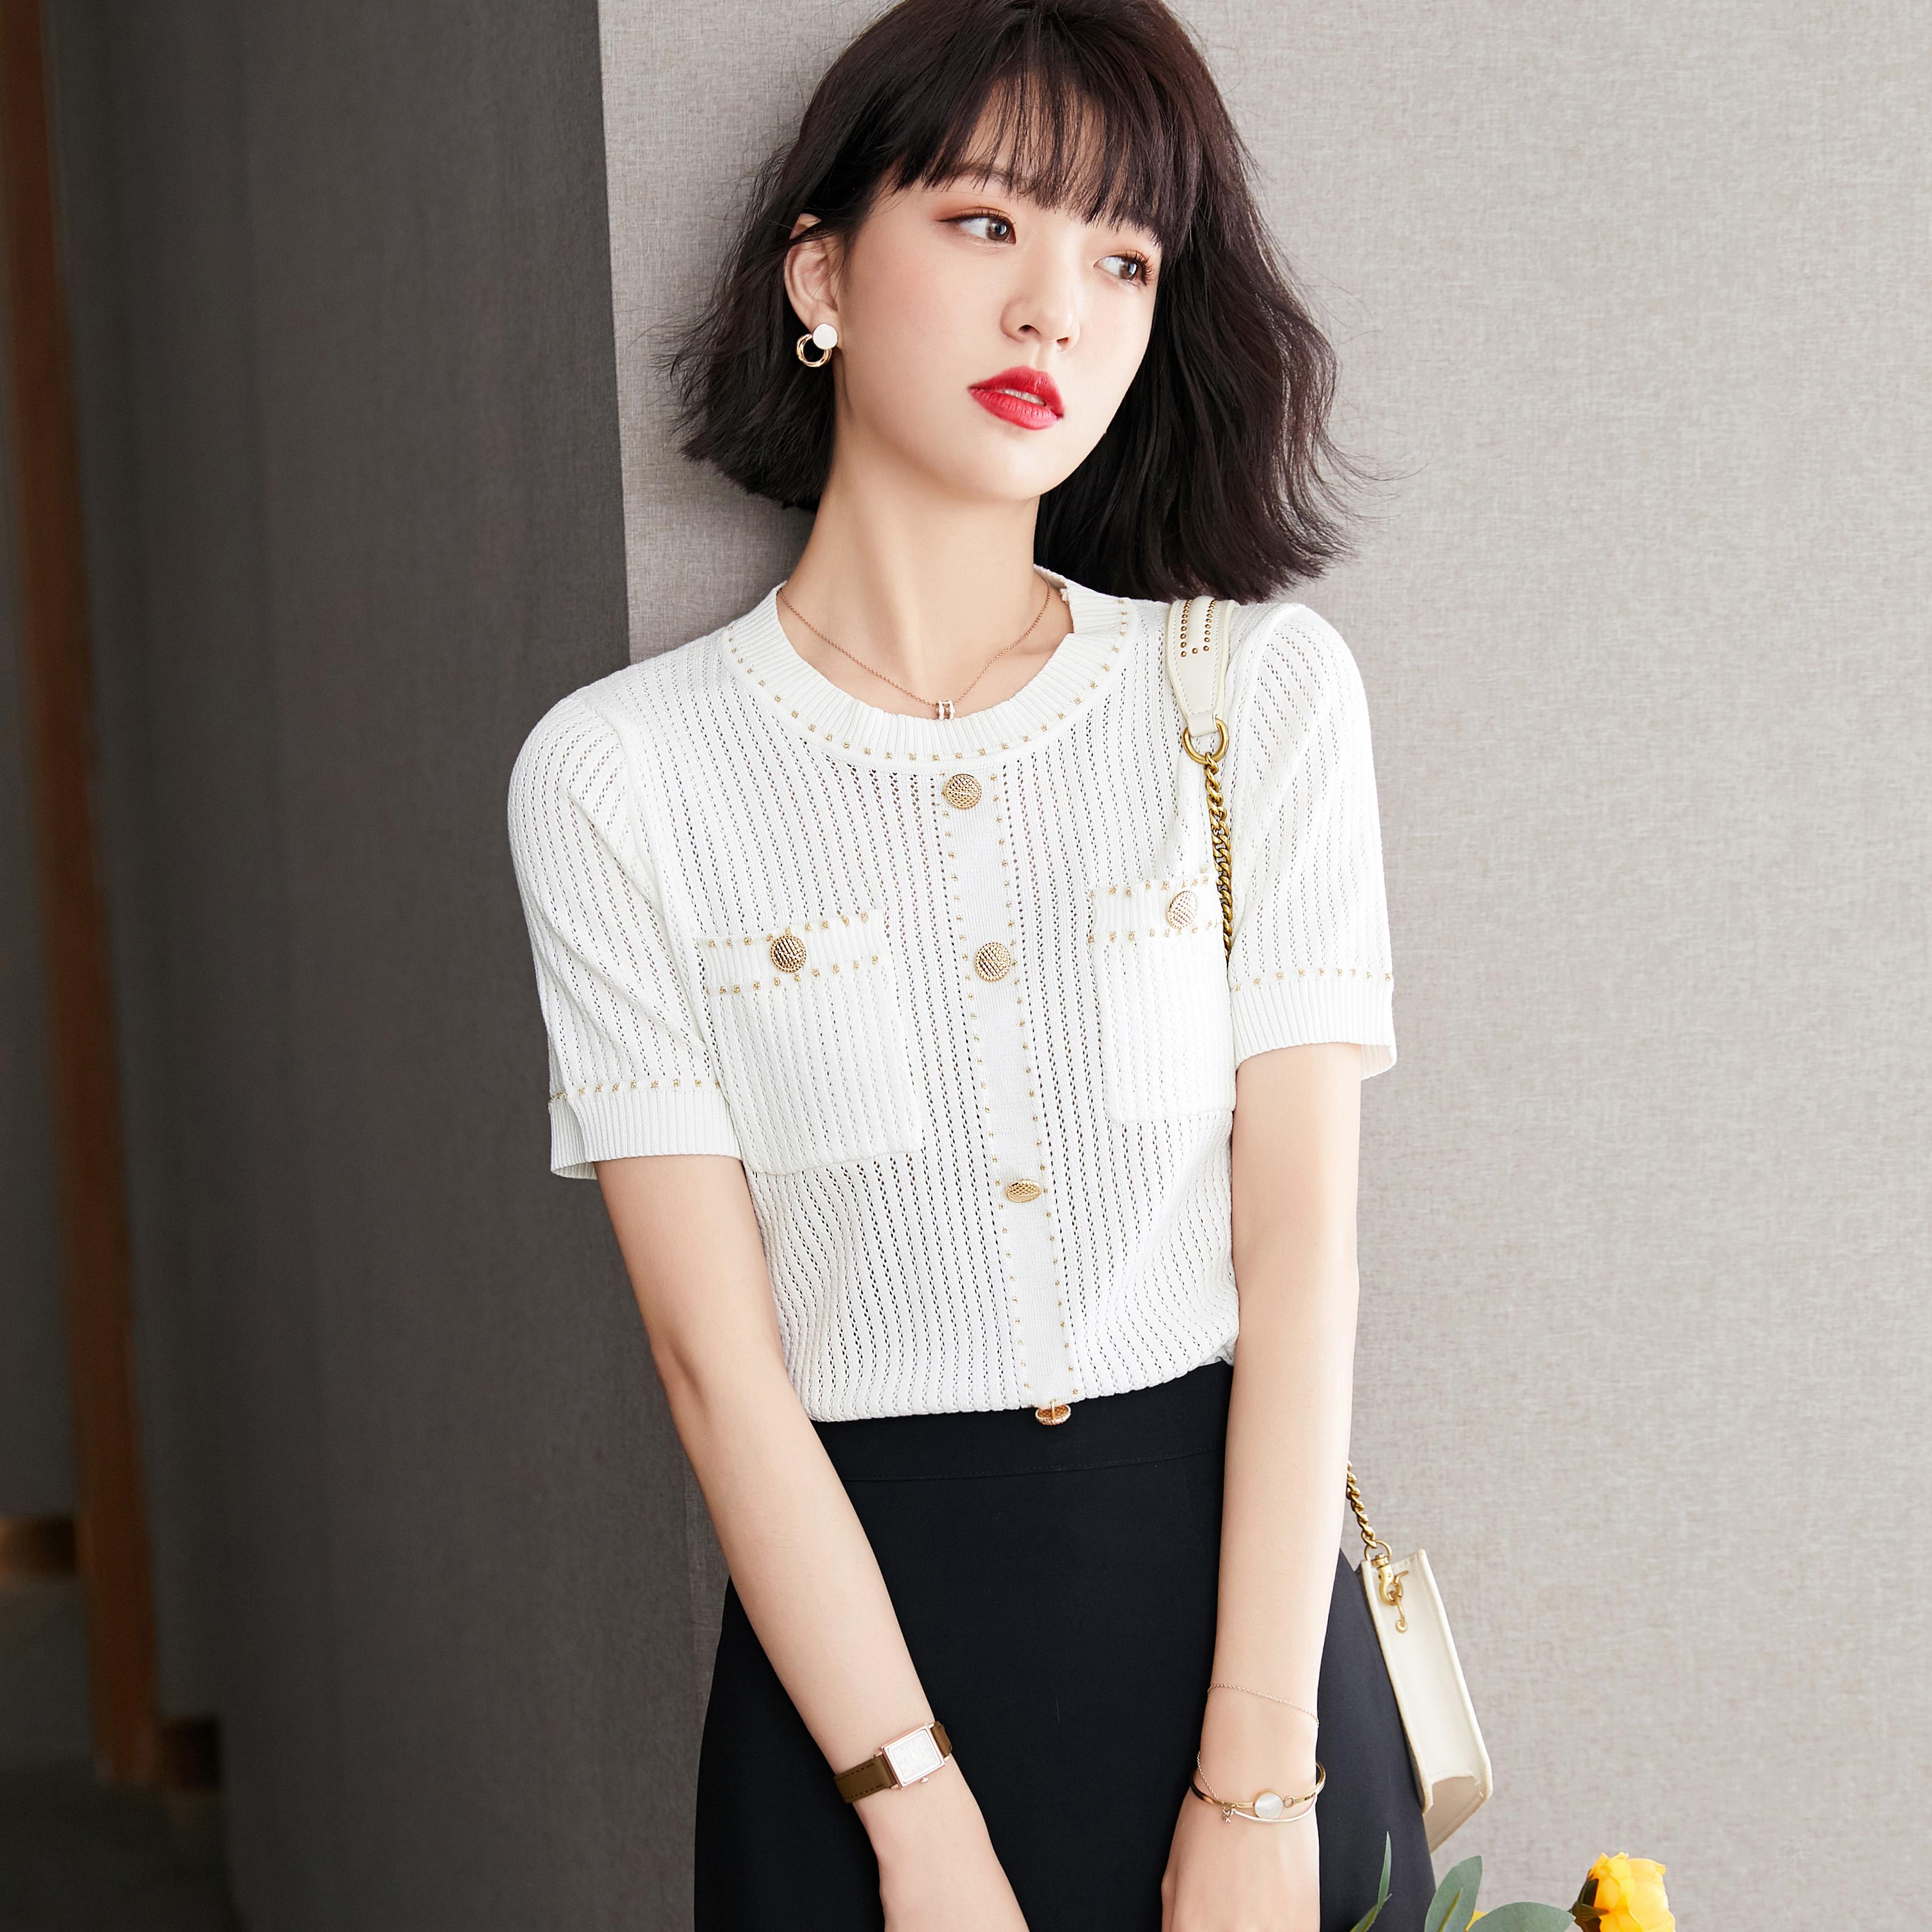 2021夏装新款时尚百搭针织衫女设计感简约针织上衣ZNSI1859P45K75,针织衫/毛衣,贞妮丝